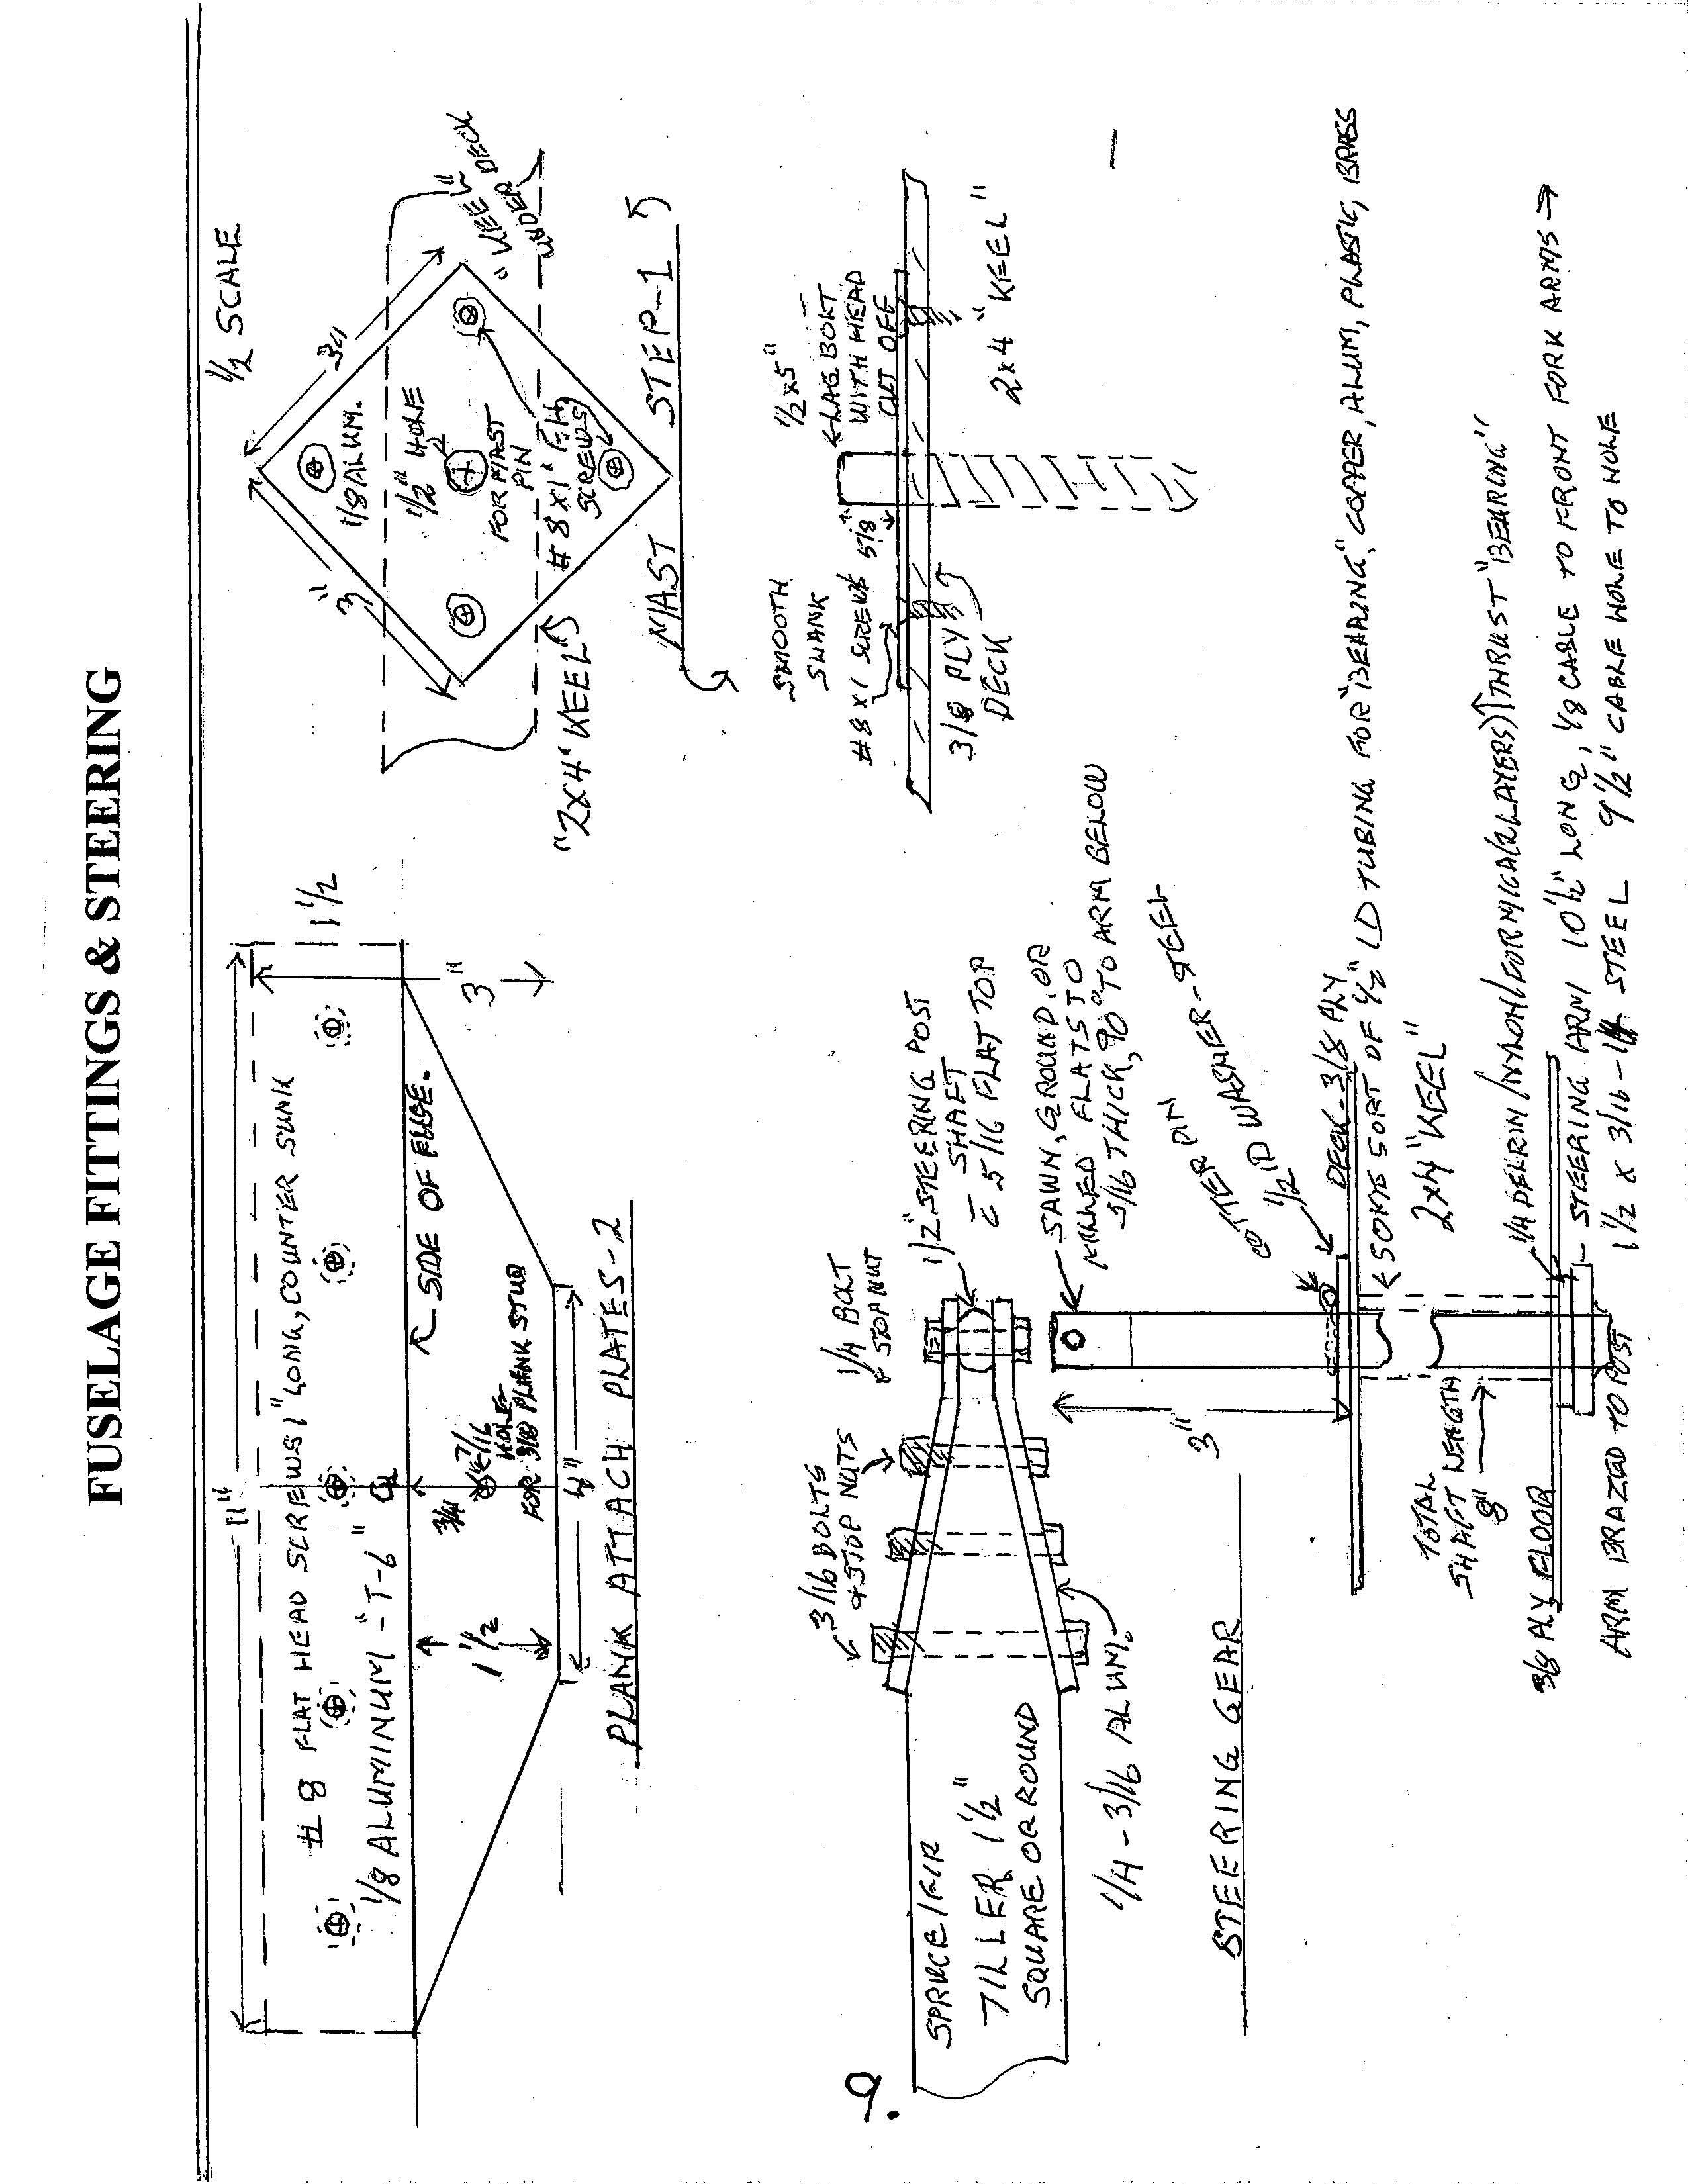 Laser Sailboat Schematic